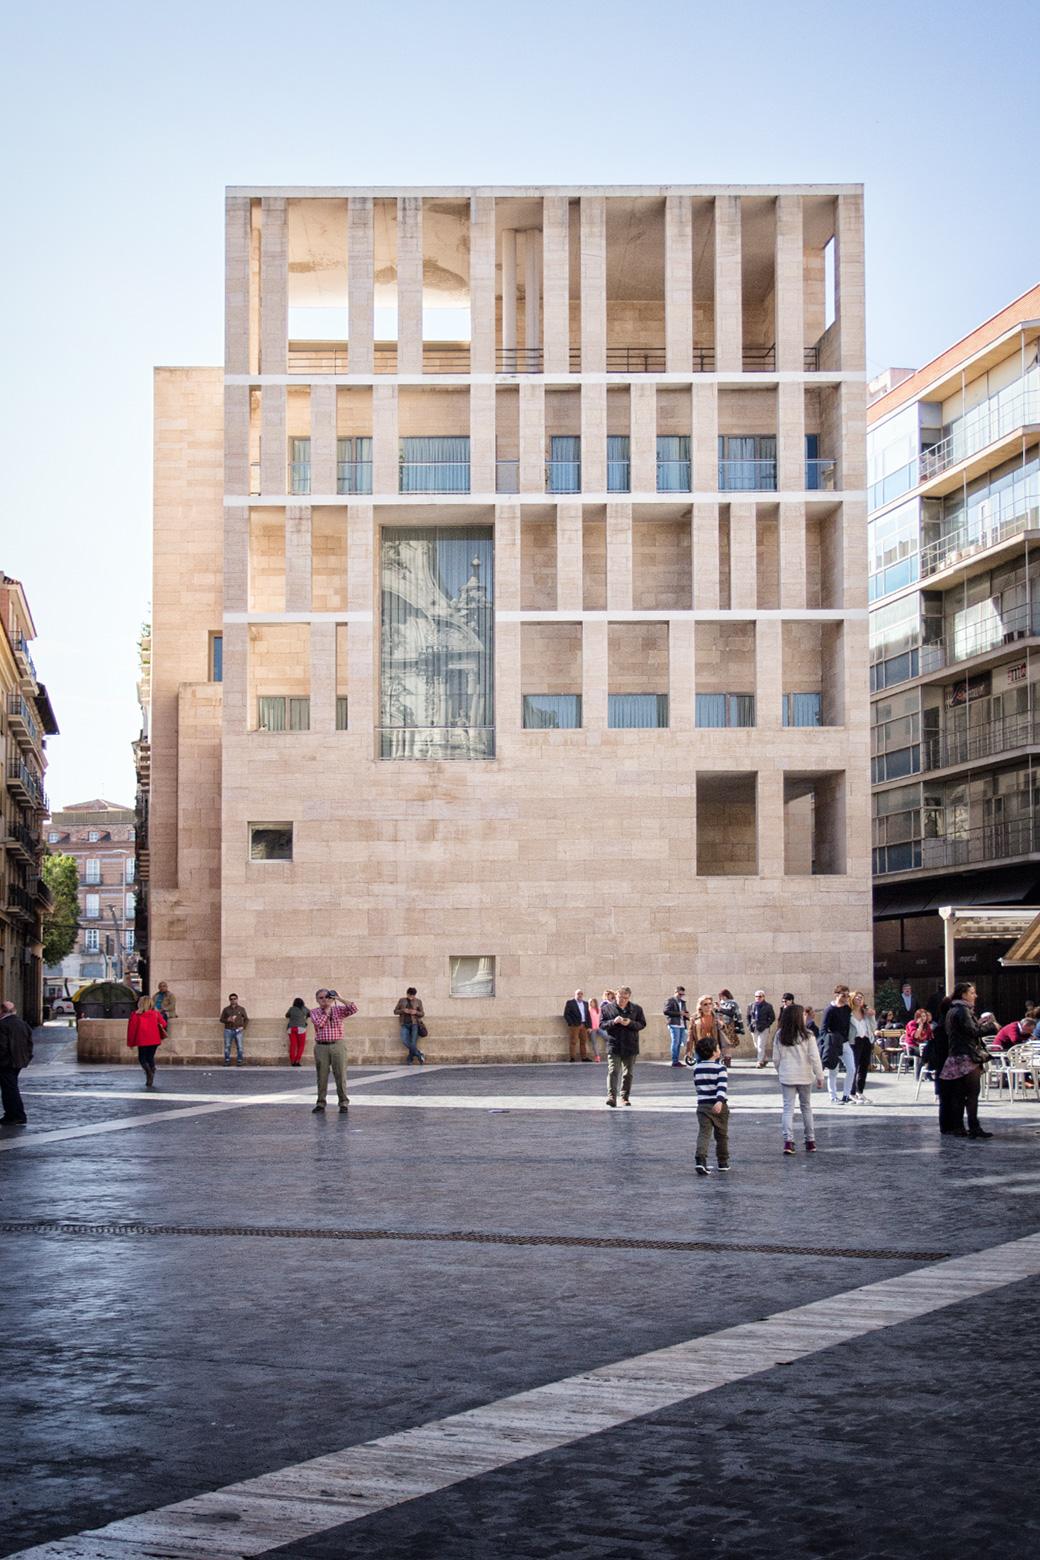 Im Kontrast zu all den alten Bauten steht der angrenzende moderne Anbau zum Ayuntamiento (Rathaus). Genau gegenüber der Kathedrale. Er wurde in den 90er Jahren vom Architekten Rafael Moneo entworfen.